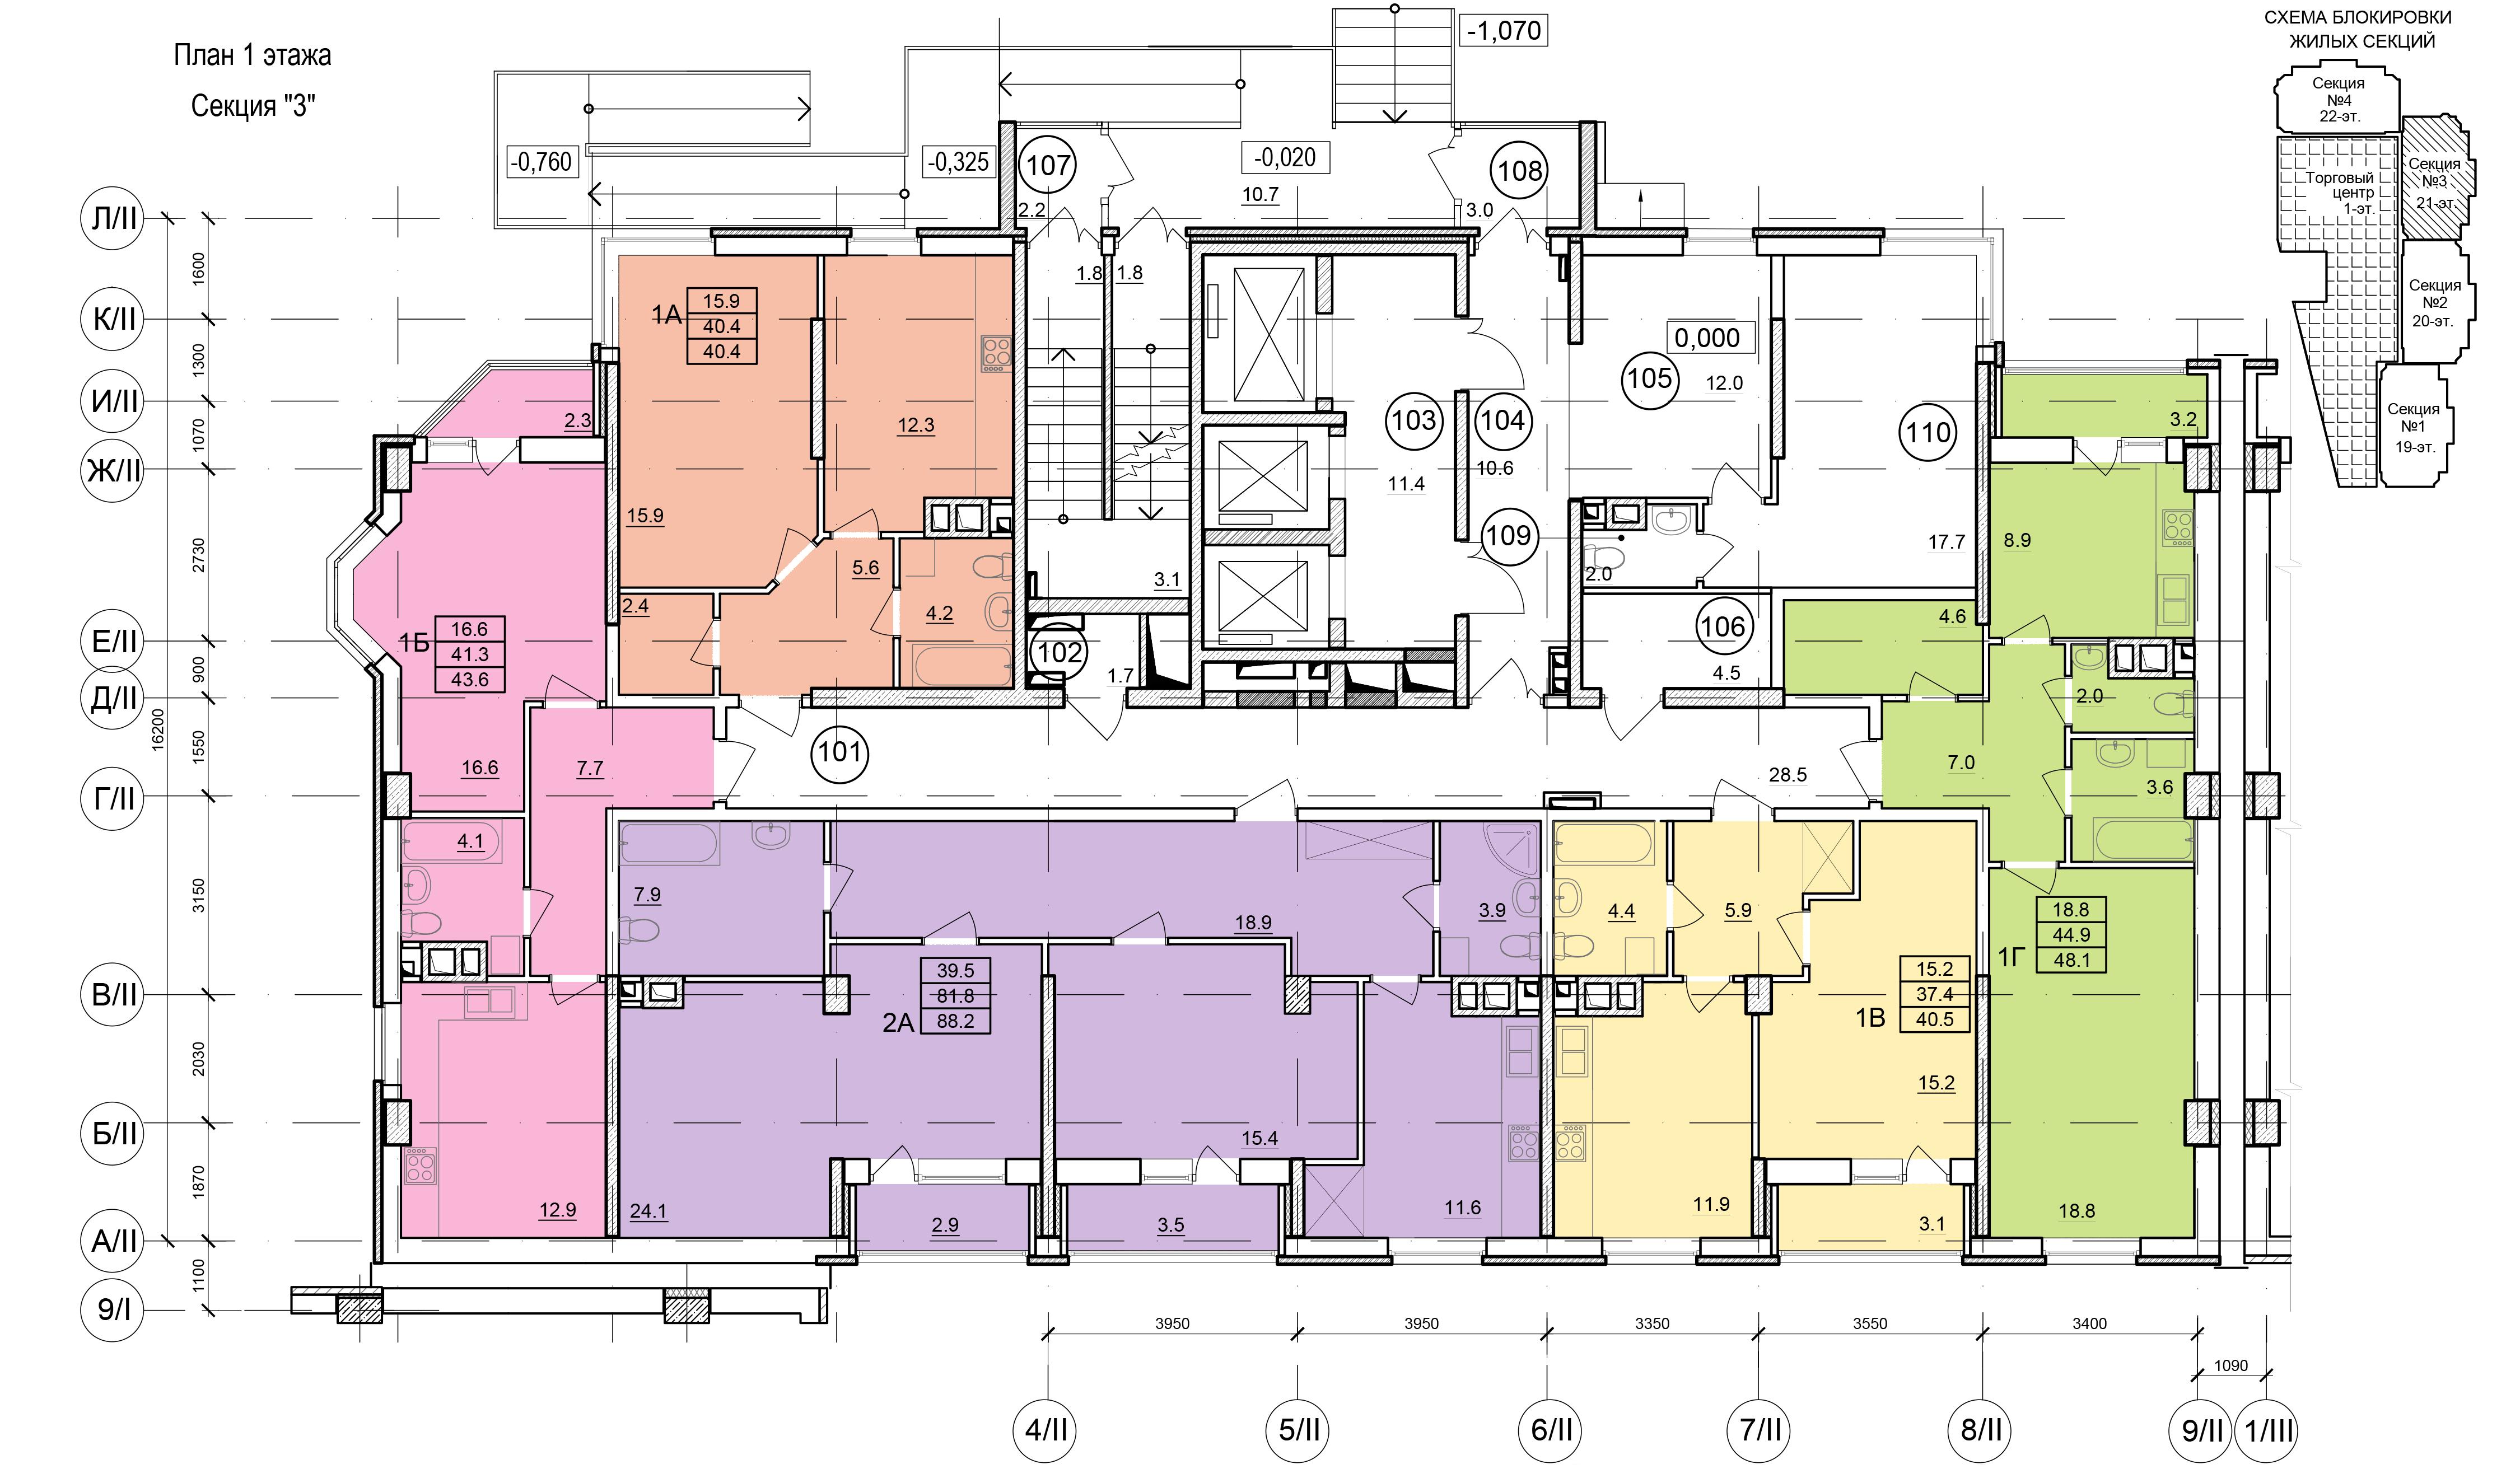 Планировки ЖК Балковский - Стикон. Секция 3, этаж 1